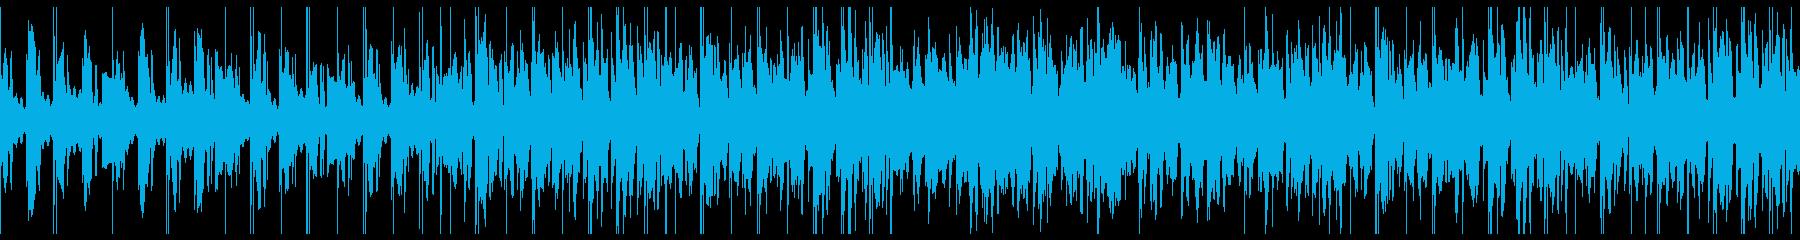 ループ/夜更かしlo-fi曲001の再生済みの波形